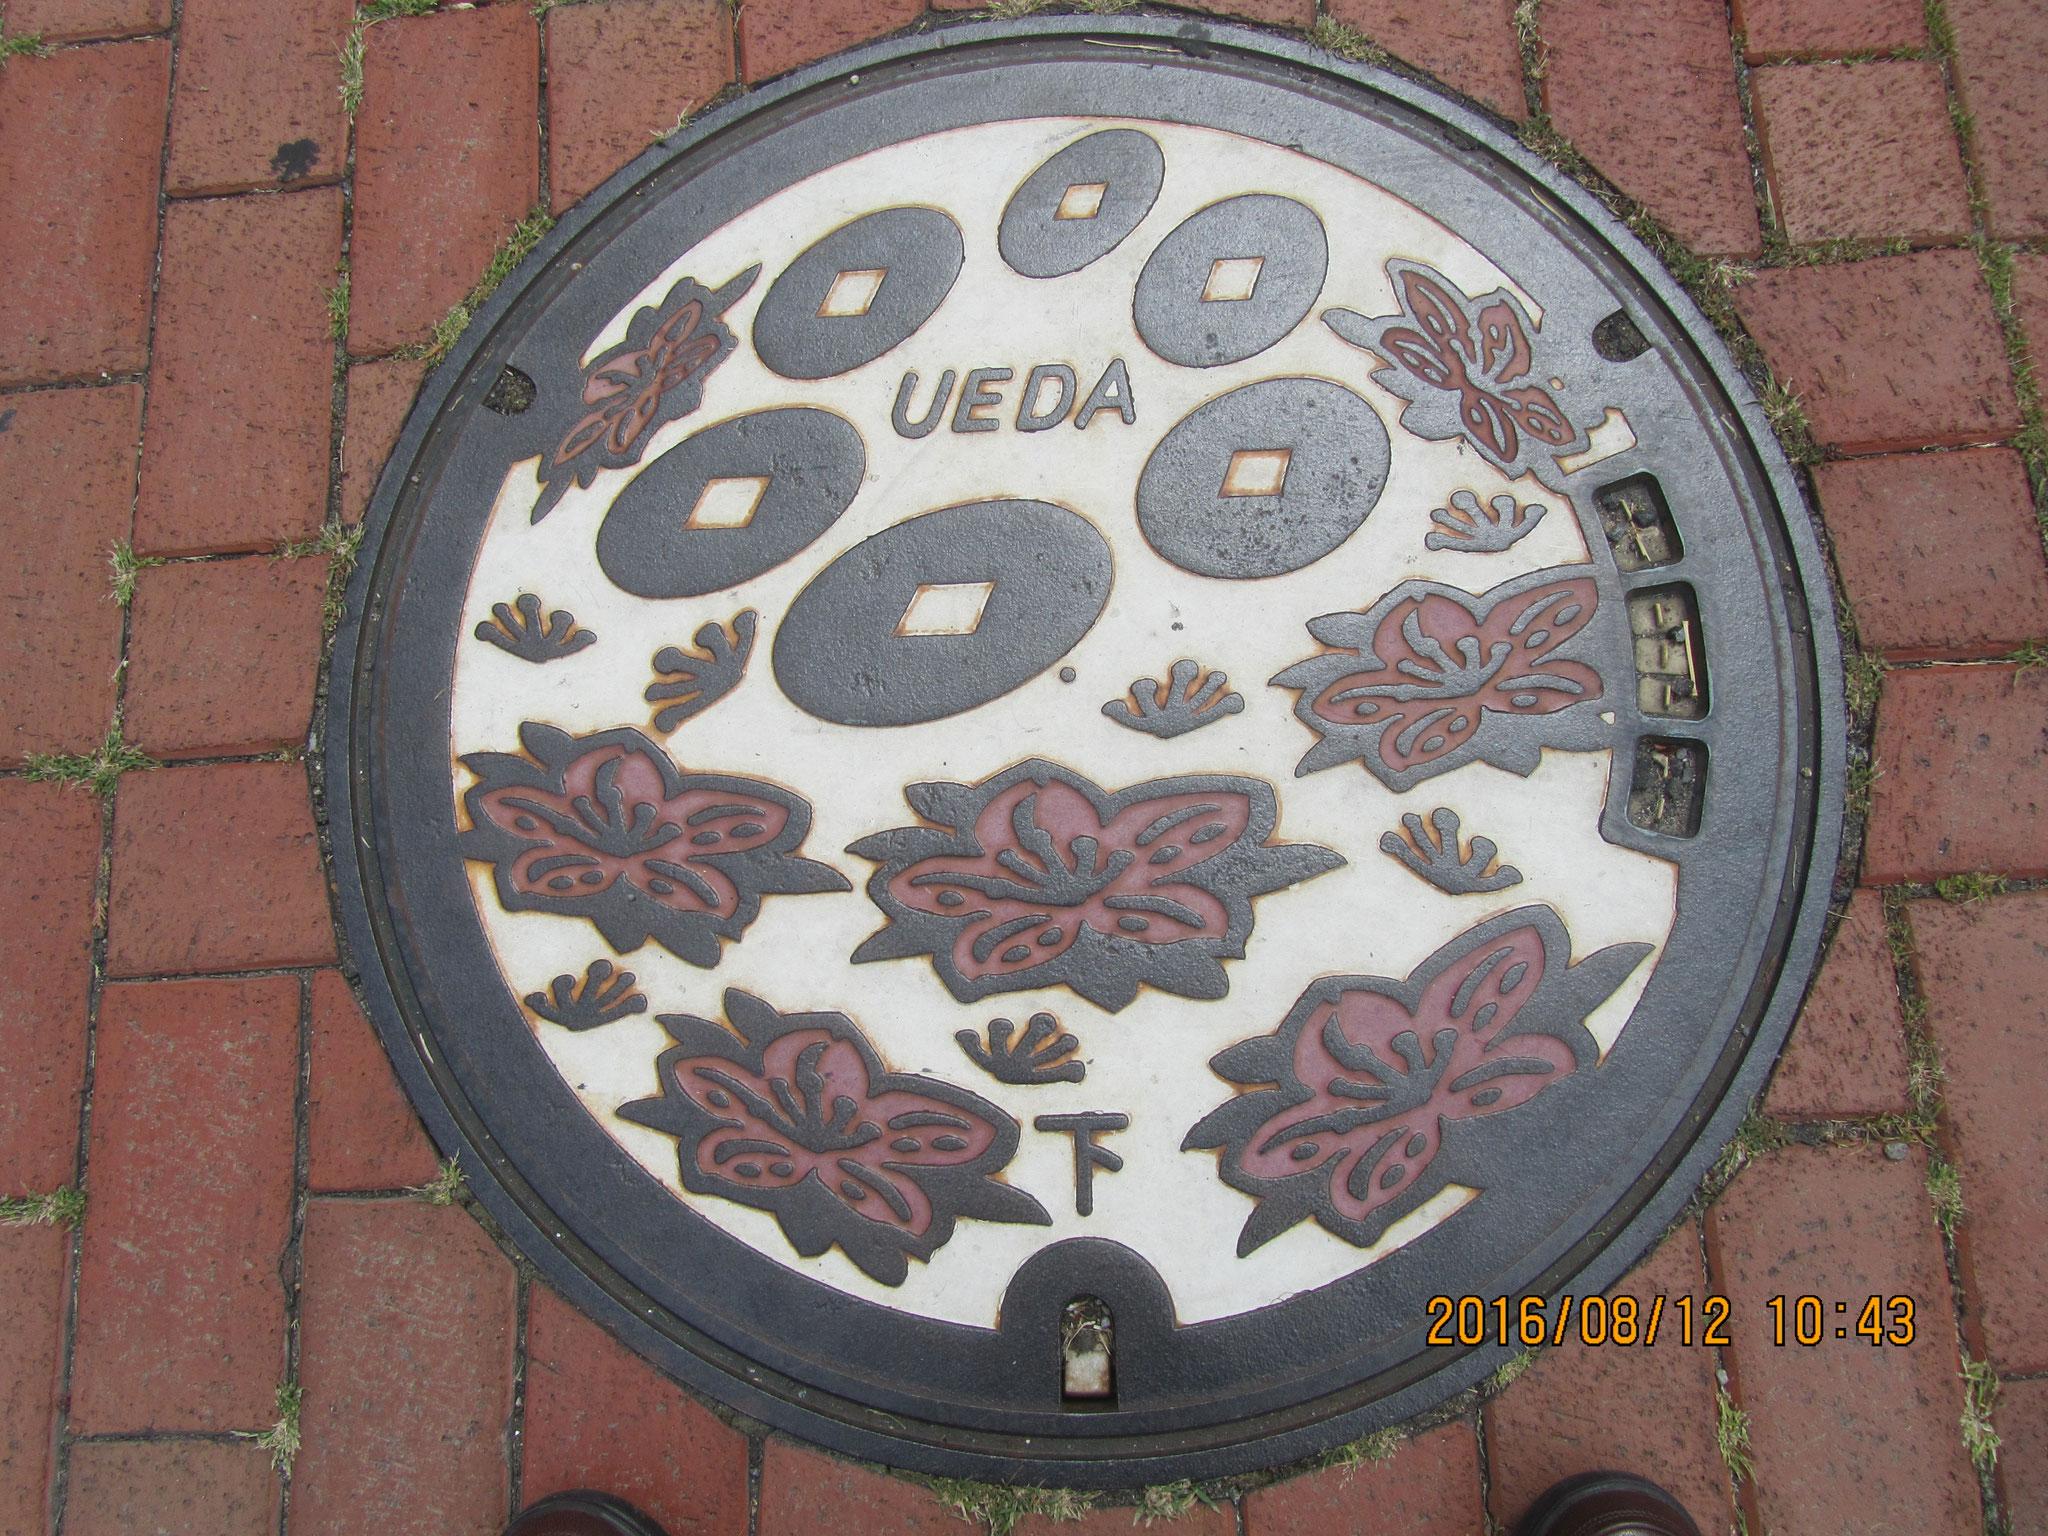 上田市内のマンホールには六文銭が描かれています。